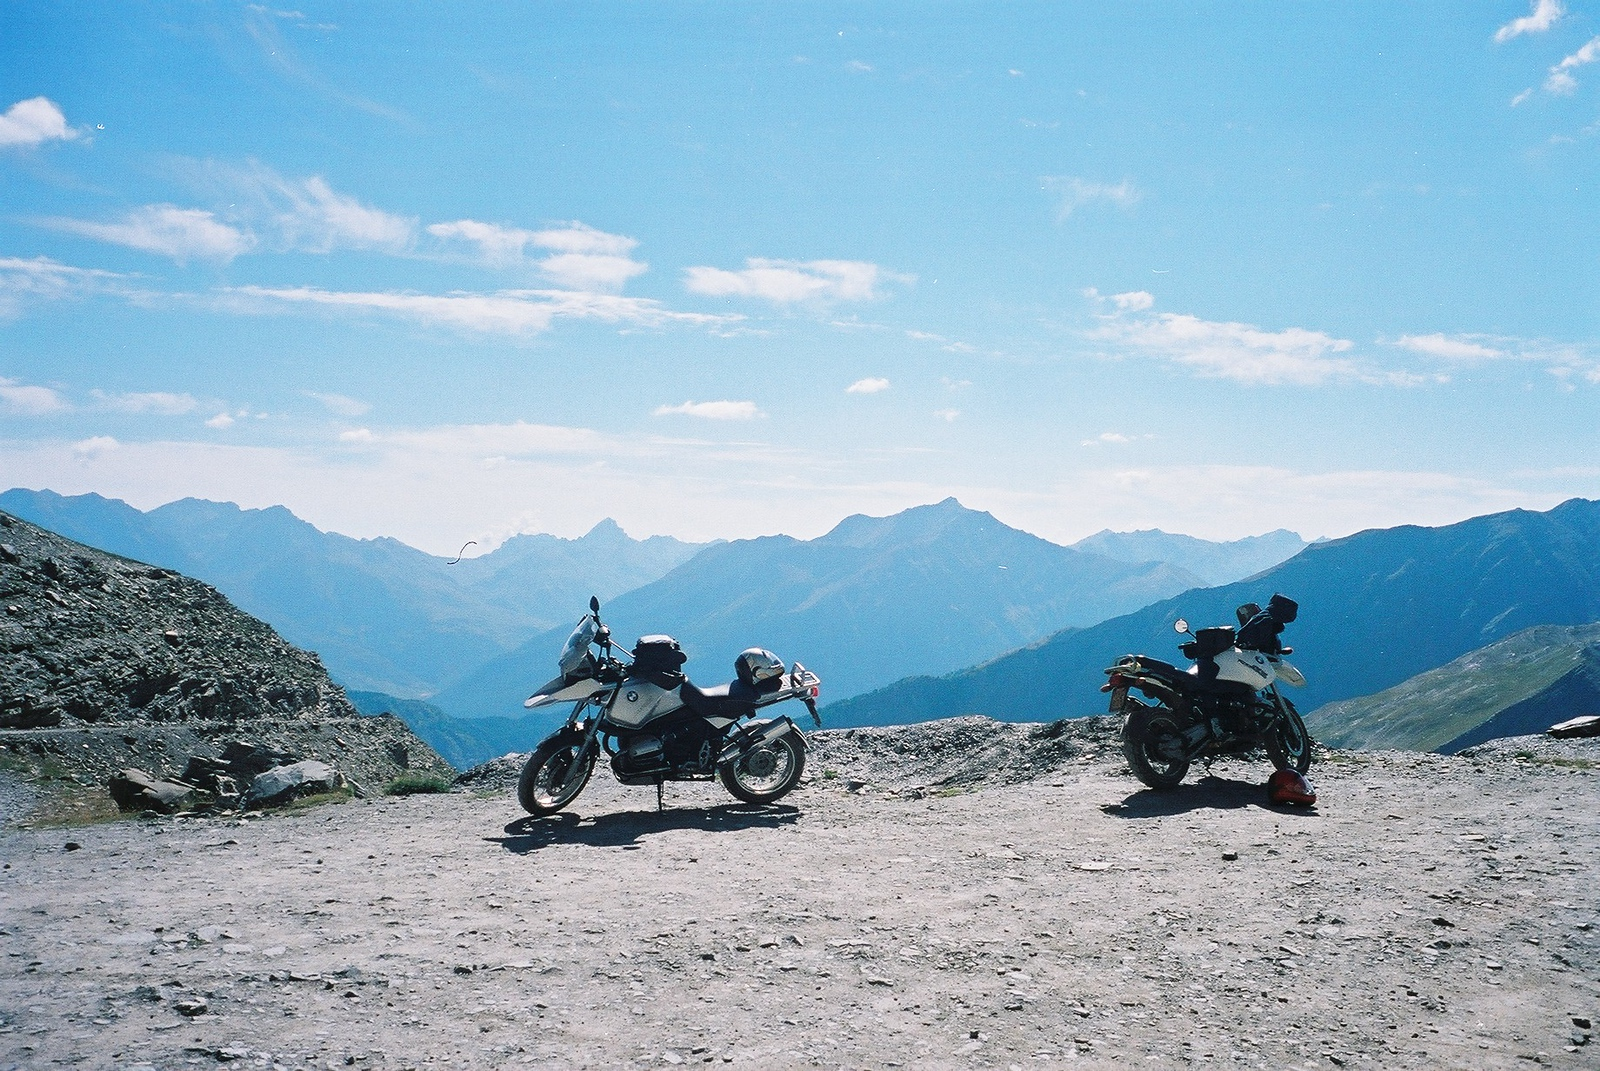 augustus '02 Chris op de grijze 1150, ik op zijn oude witte 1100. Niemand wist dat ik hier enkele jaren later met de grijze ging staan